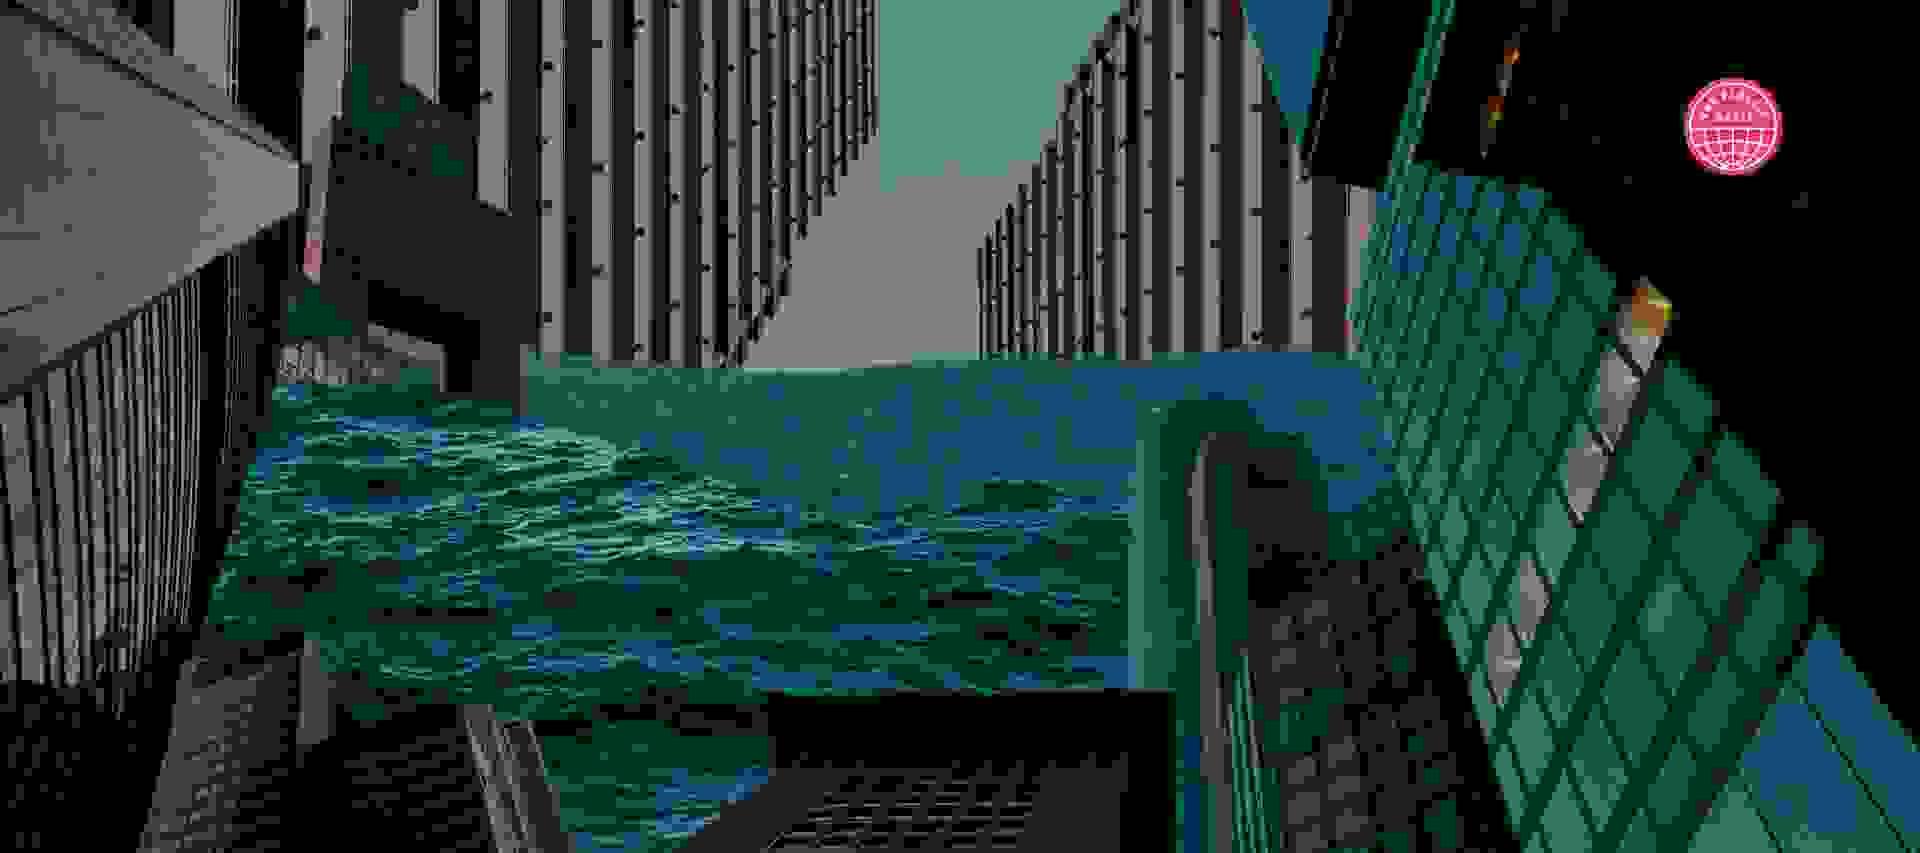 Ocean waves flowing between city buildings